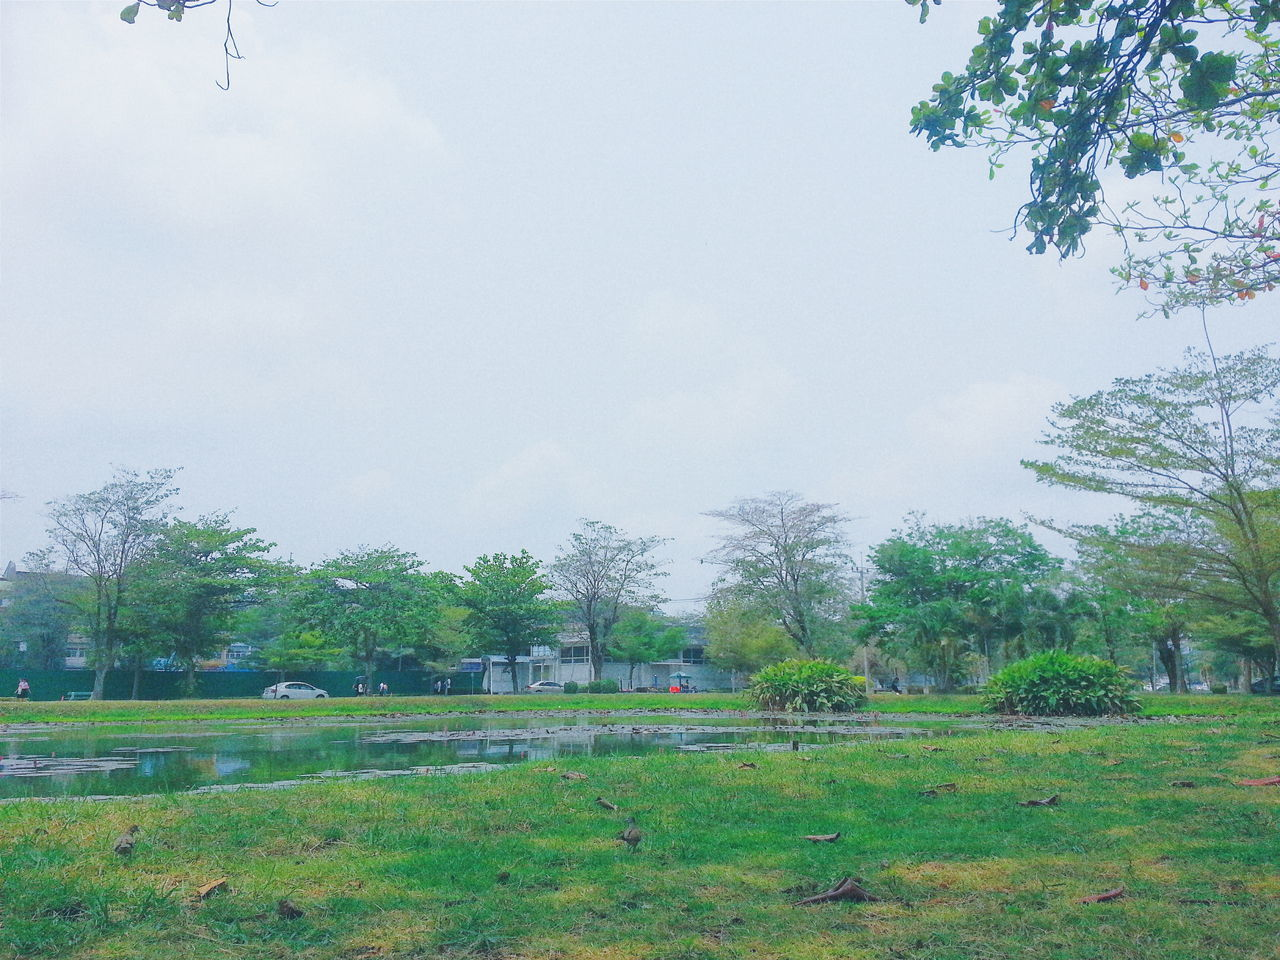 ณ มหาวิทยาลัยรามคำแหง บางนา สวนสาธารณะ ทิวทัศน์ รามคำแหง ต้นไม้ ท้องฟ้า First Eyeem Photo